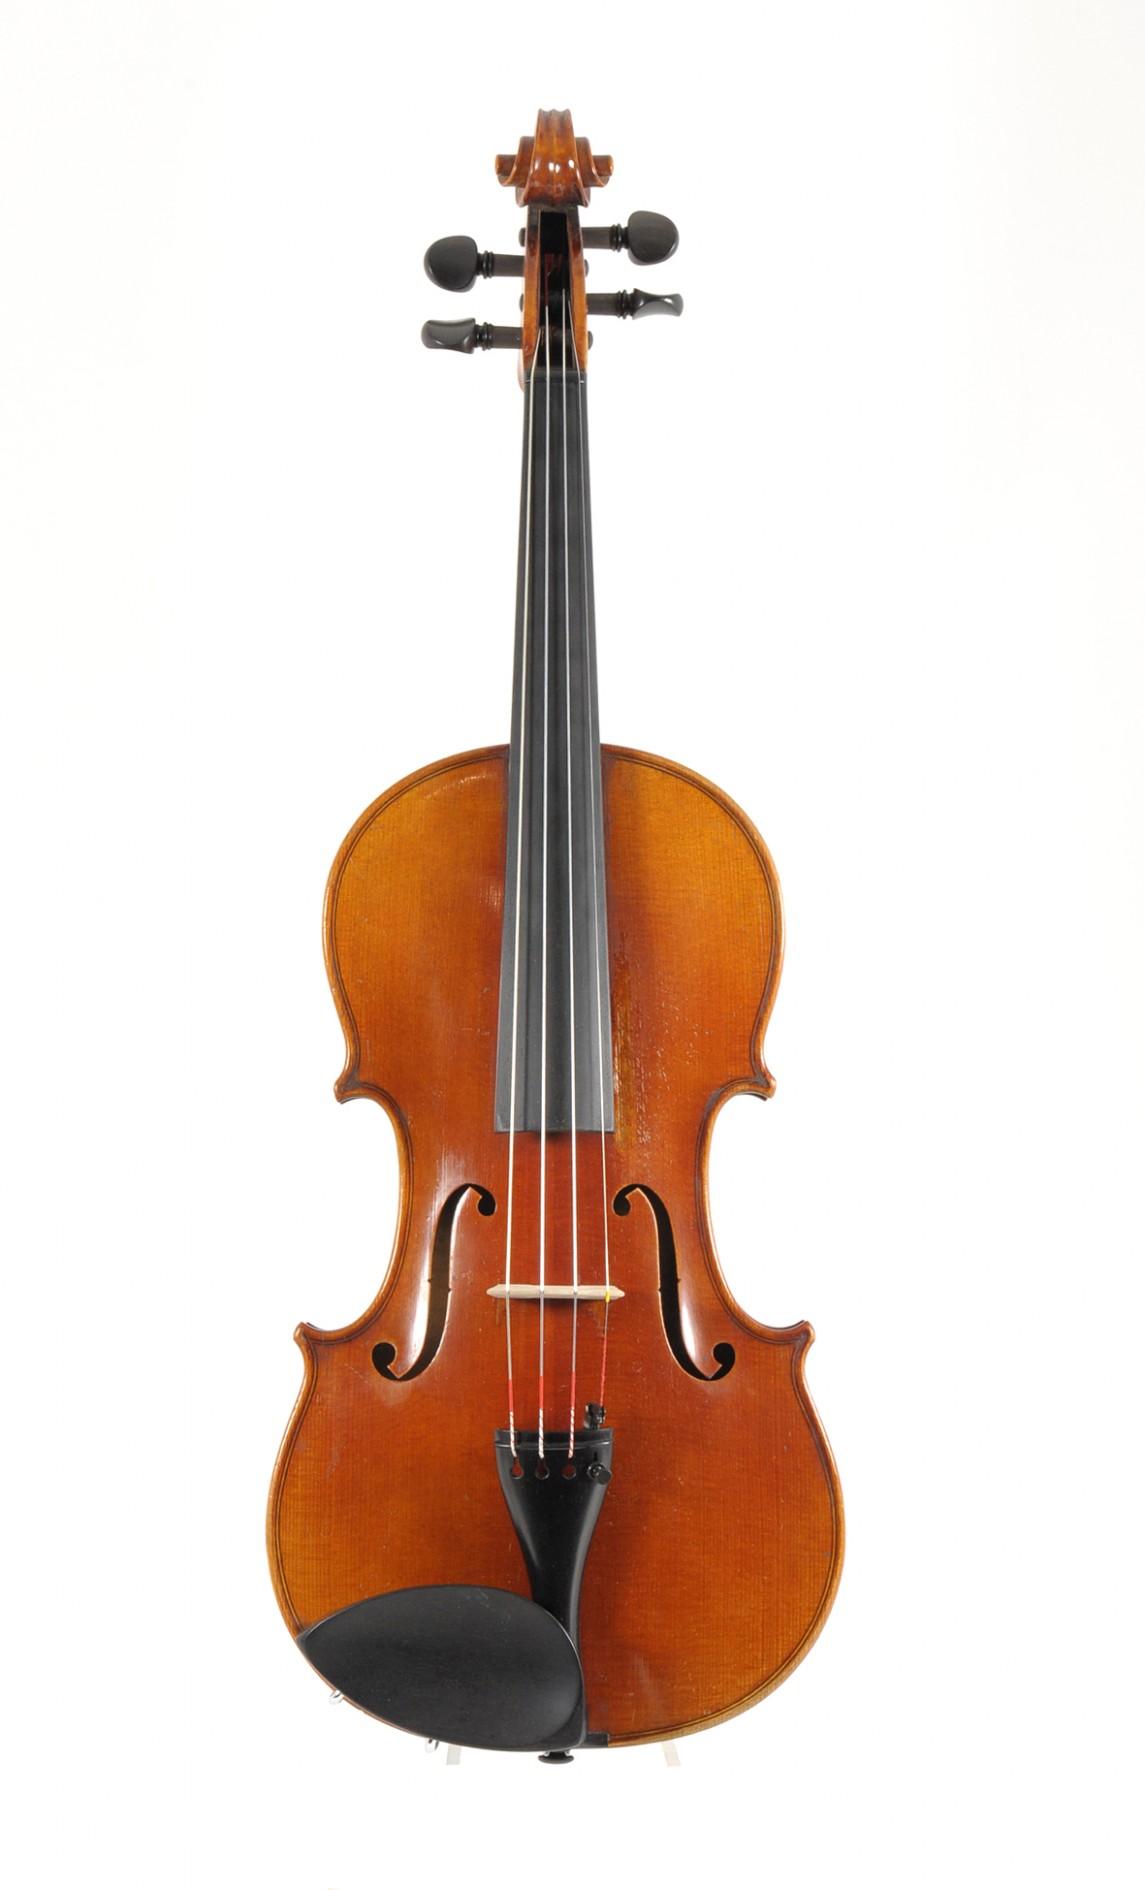 Great Markneukirchen violin, anonymus, 1920 circa